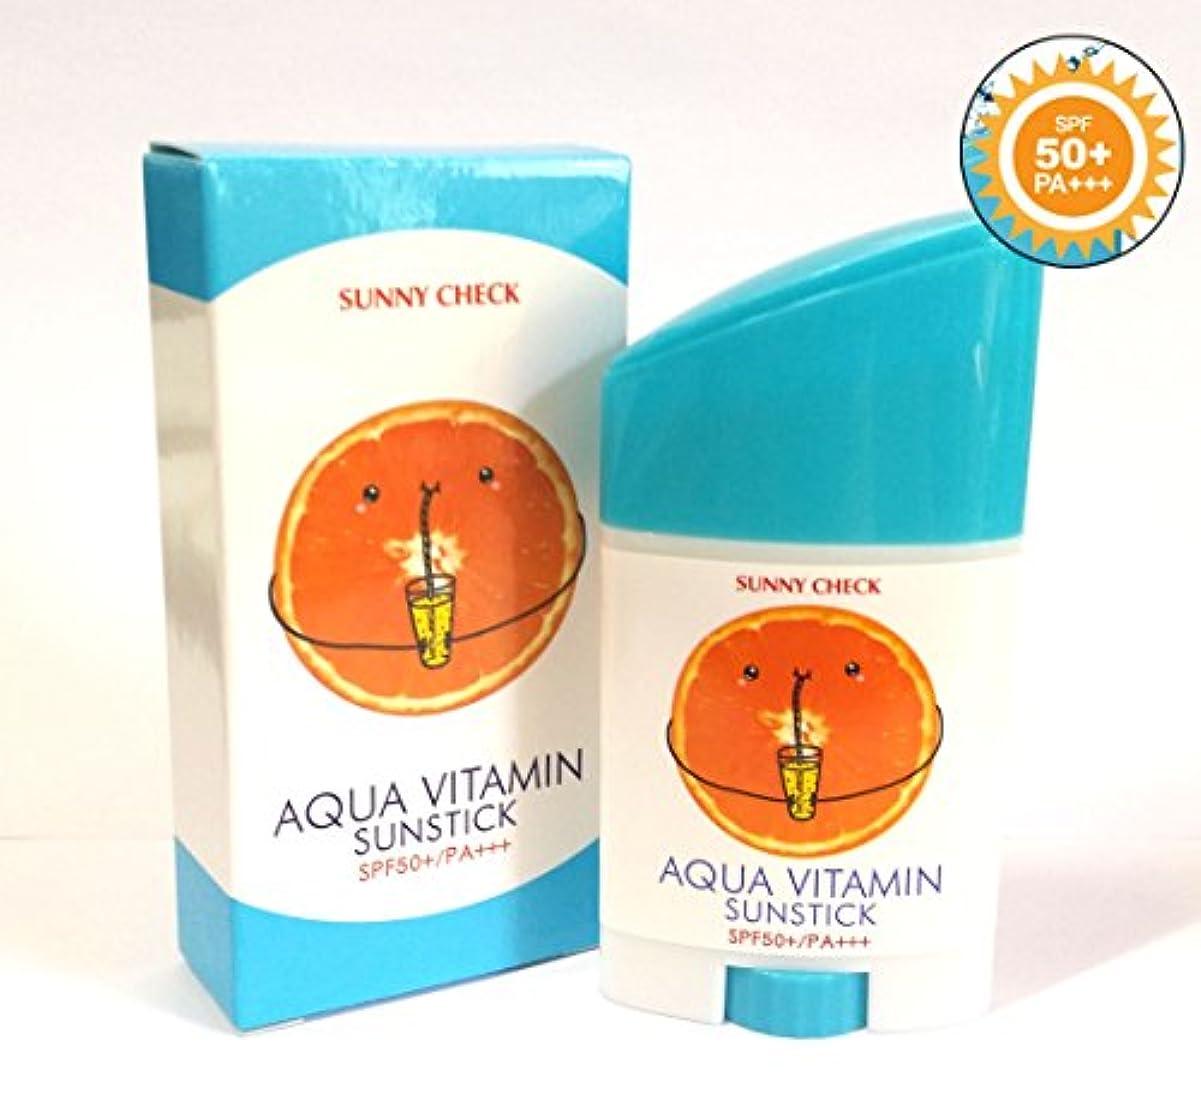 つぶす長方形かもめ[Sunny Check] アクアビタミンサンスティックSPF50 + PA +++ 26g(0.9oz)/UVプロテクション/韓国化粧品/Aqua Vitamin Sun Stick SPF50+ PA+++ 26g(...